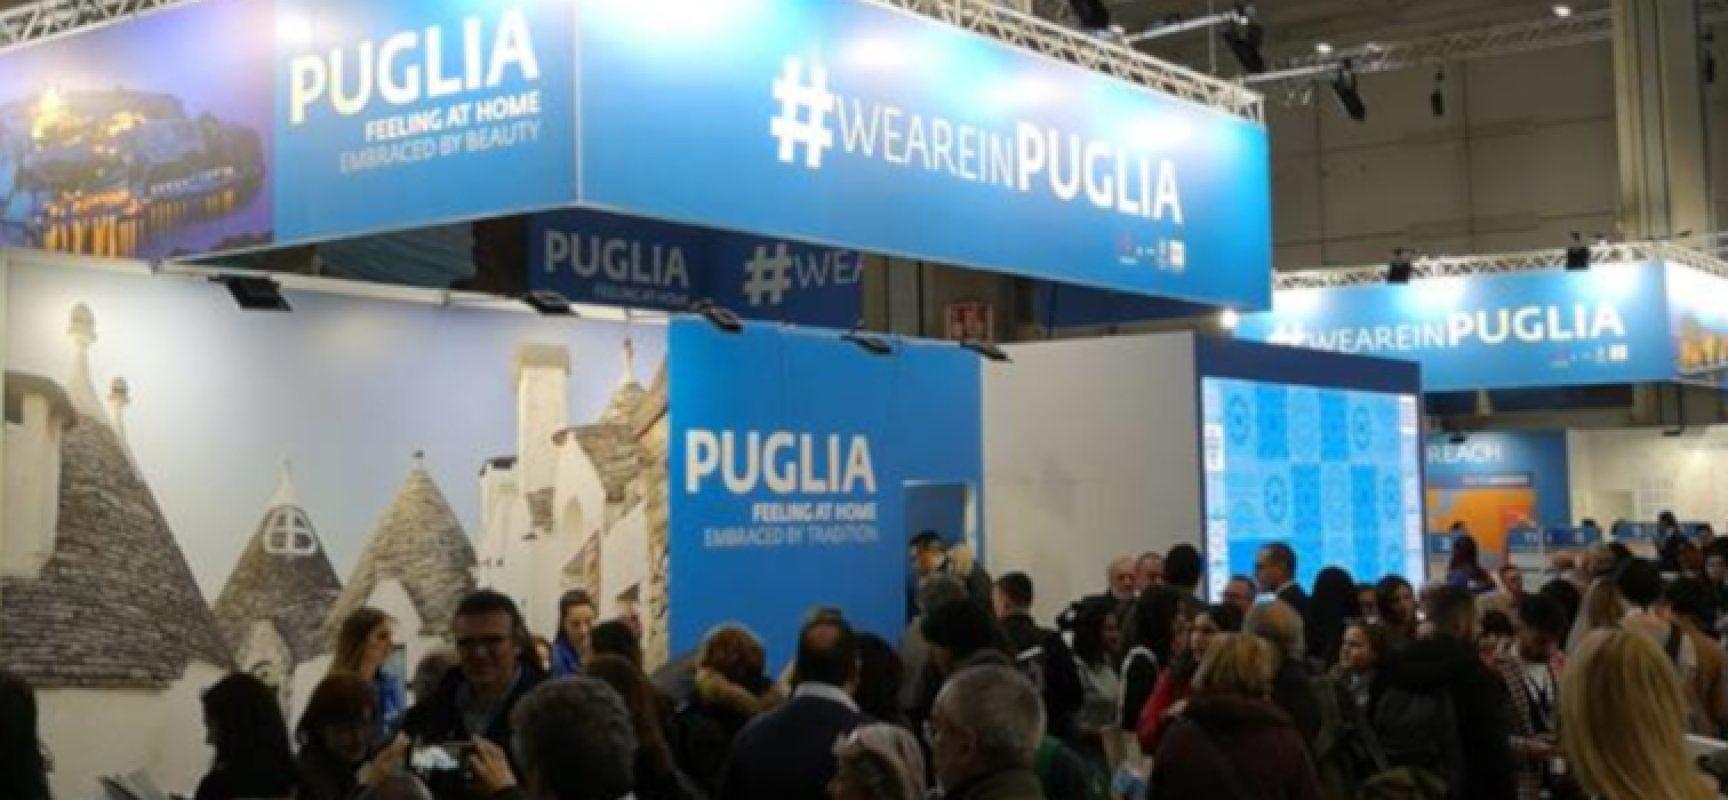 Turismo in Puglia nel 2018, la Bat fanalino di coda / I DATI presentati alla Bit di Milano